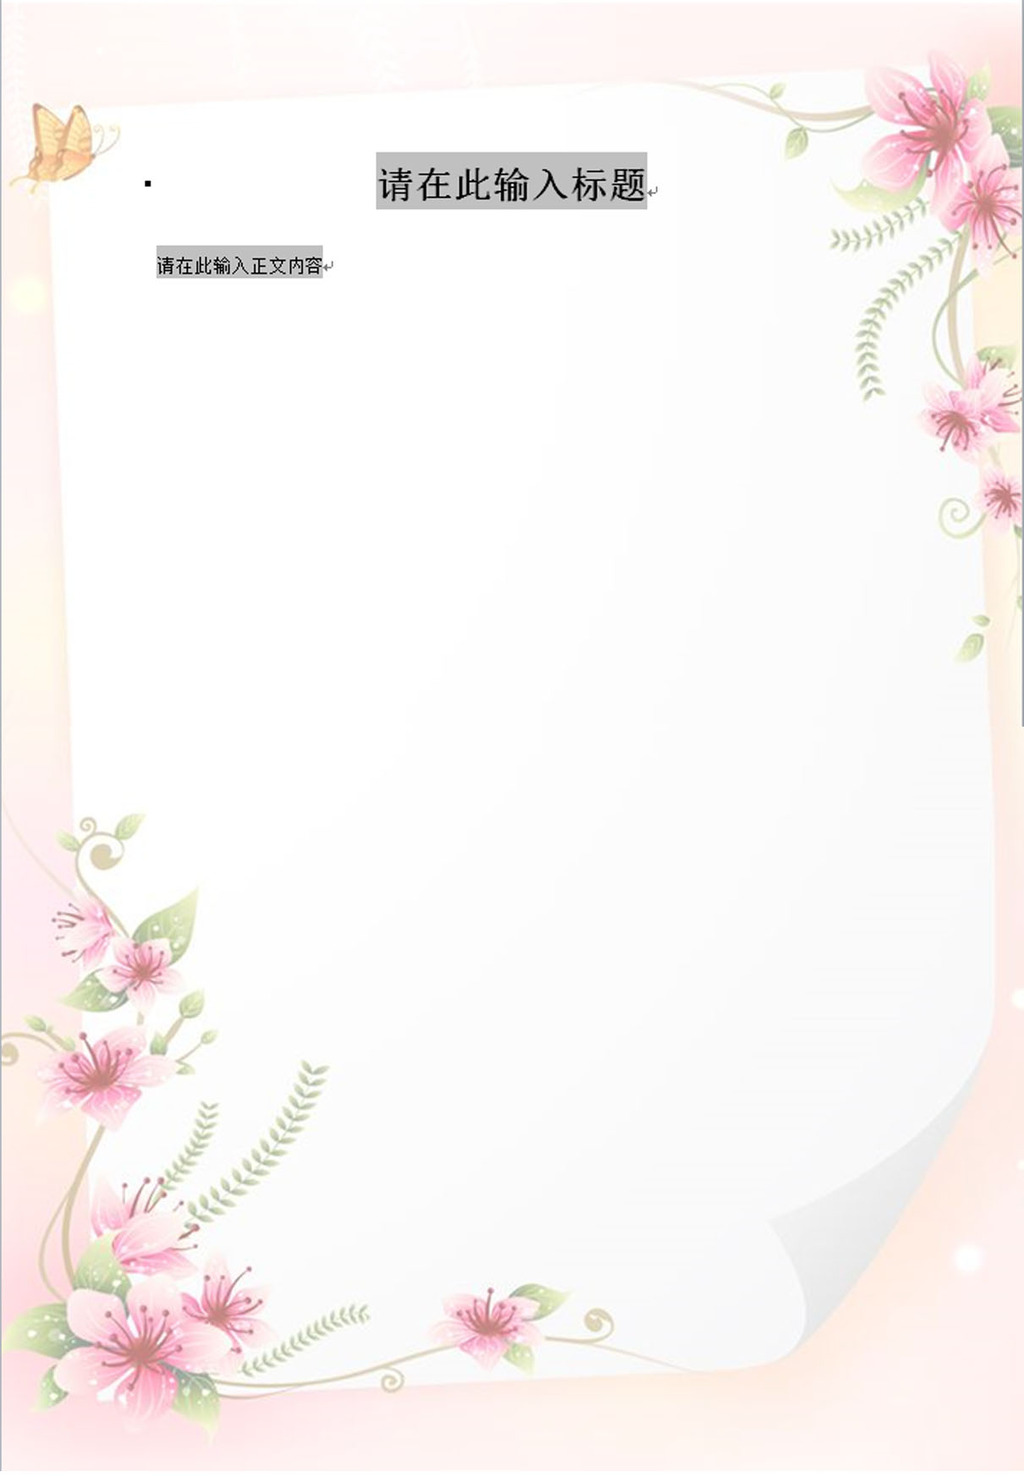 word模板 信纸背景 > 韩国花艺信纸模板  下一张> [版权图片图片